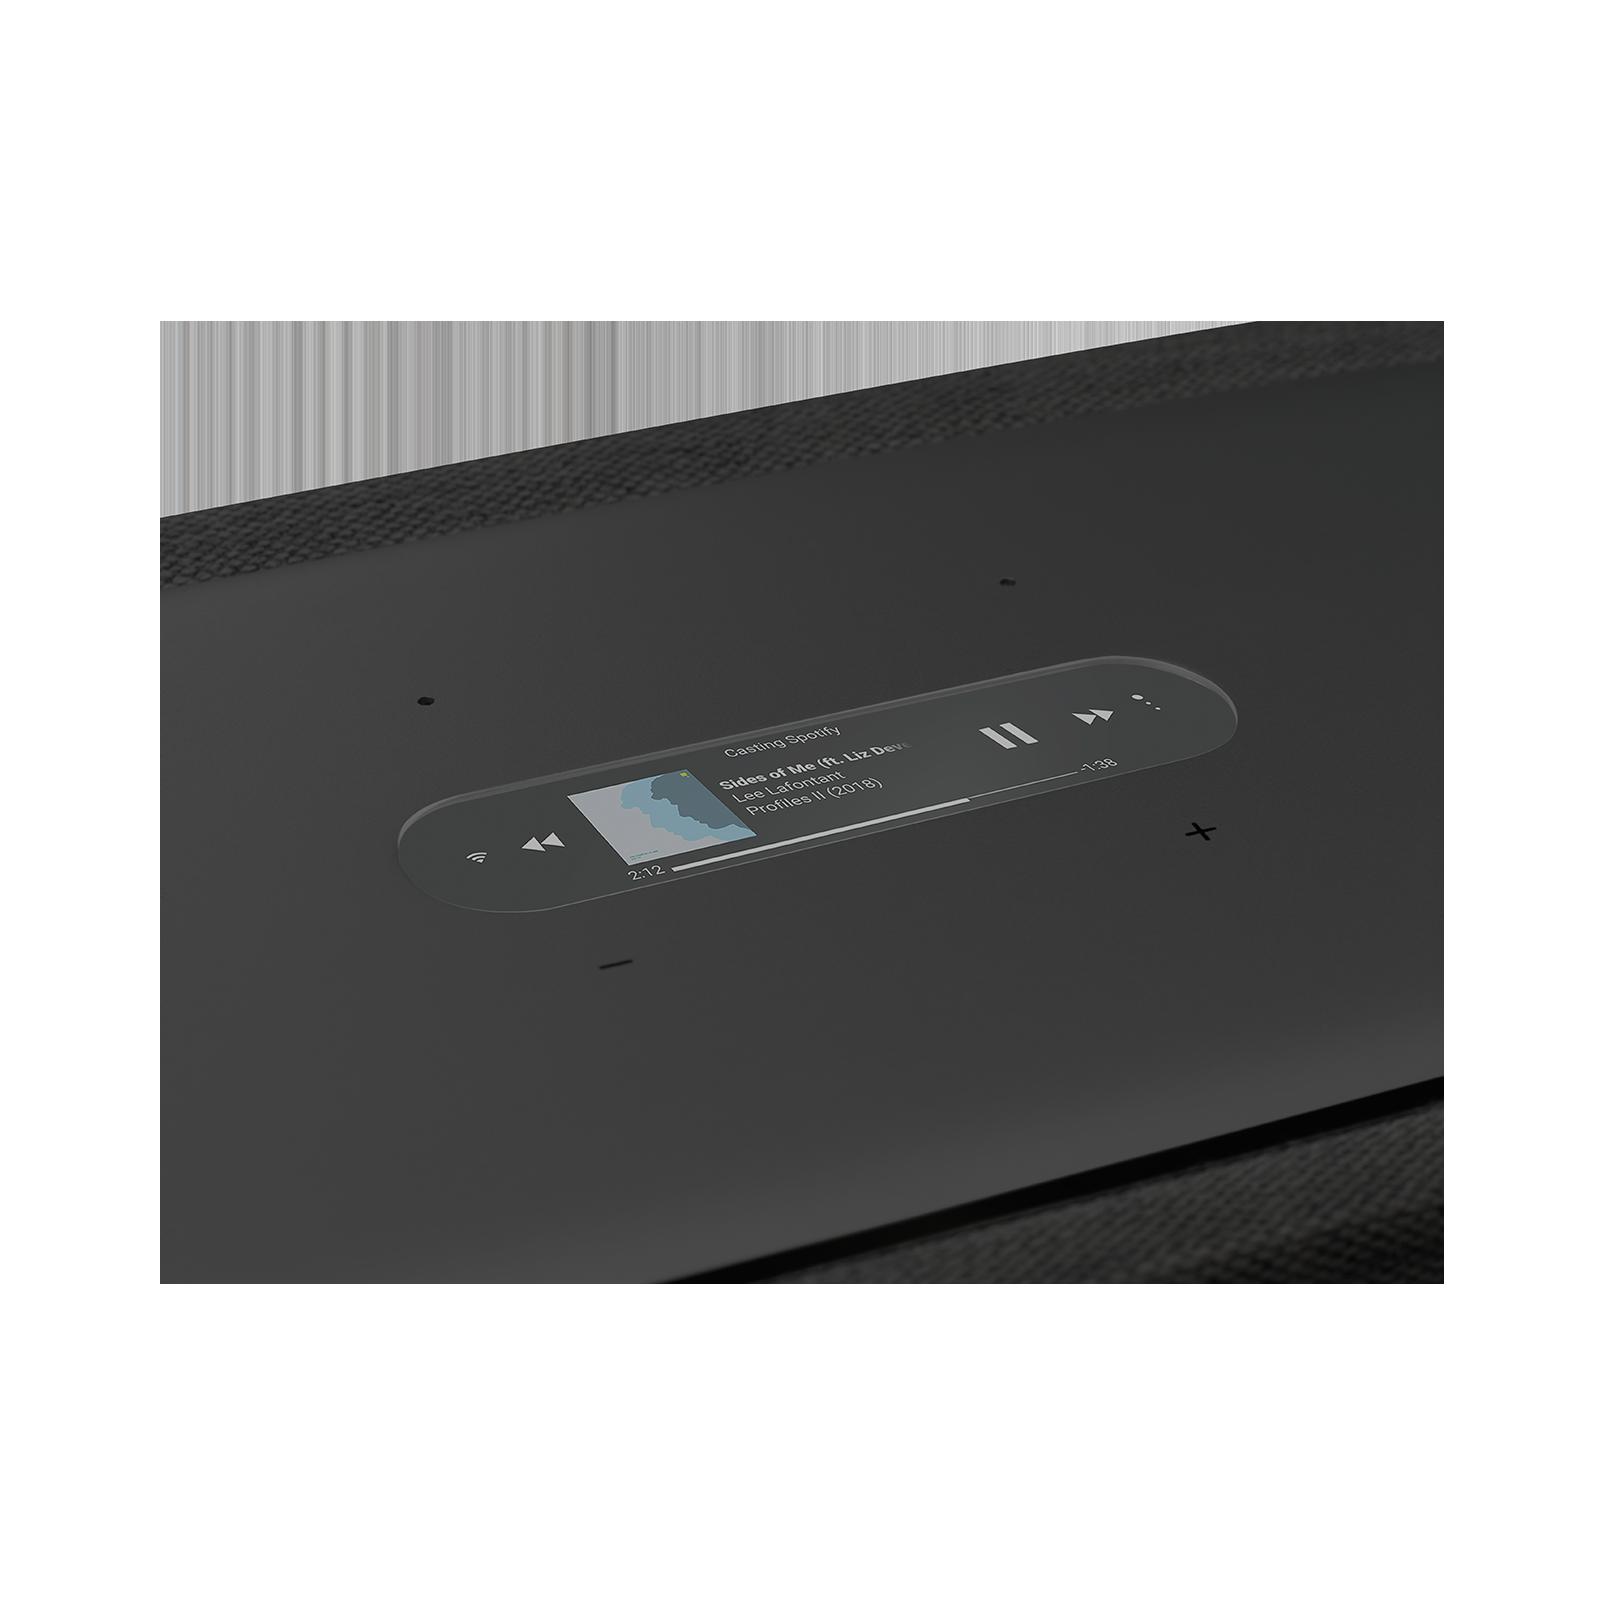 Harman Kardon Citation 500 - Black - Large Tabletop Smart Home Loudspeaker System - Detailshot 1